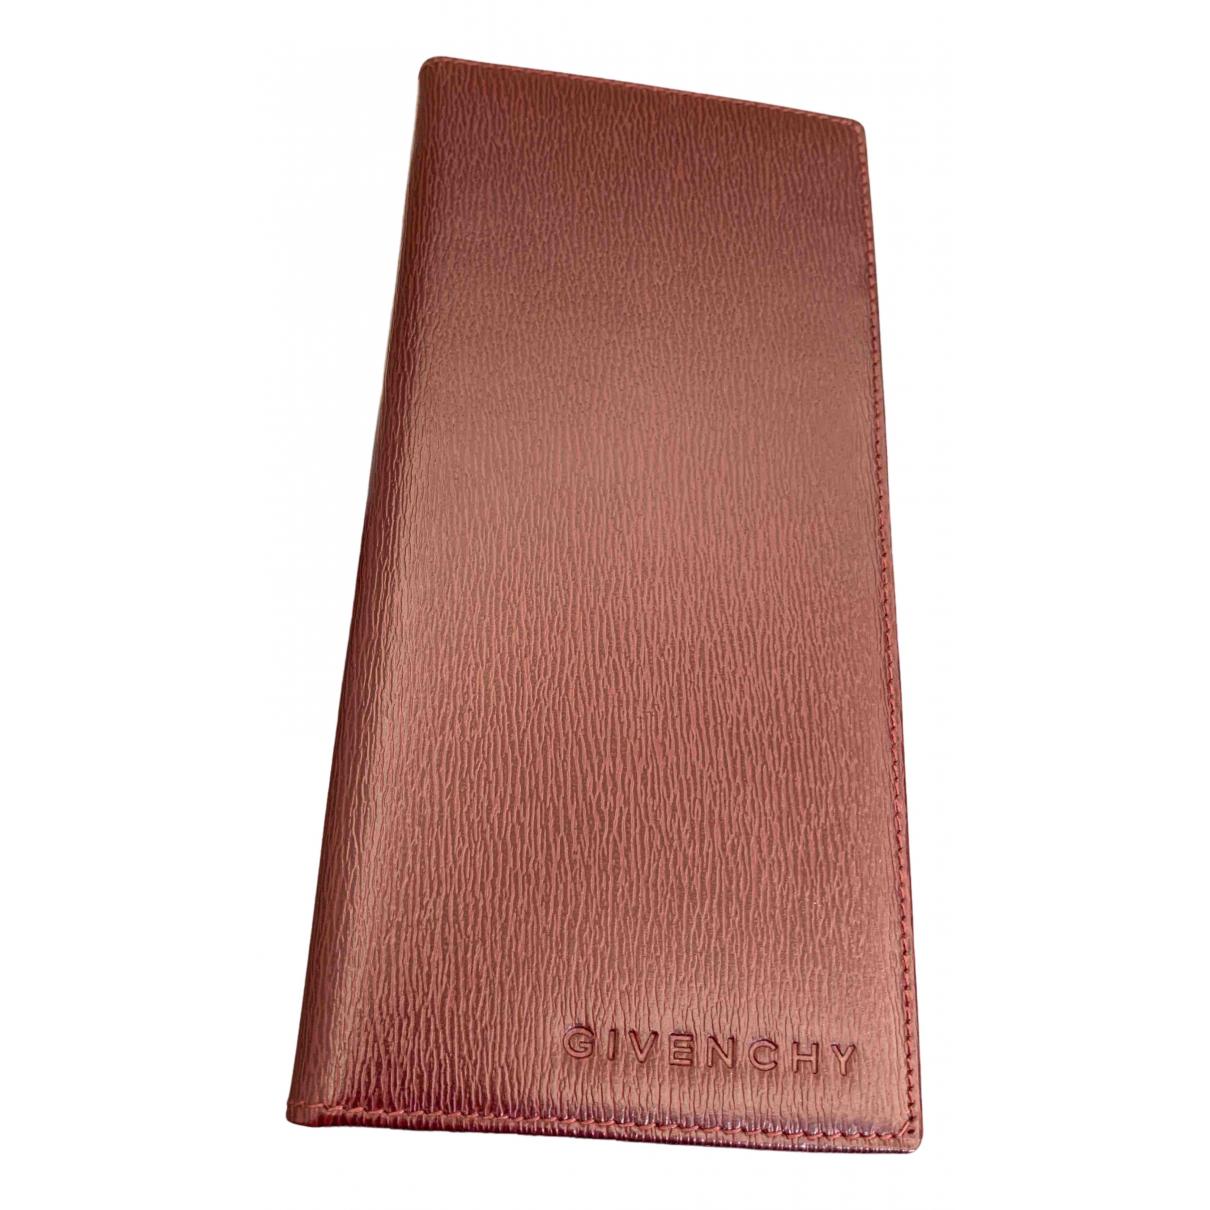 Givenchy - Petite maroquinerie   pour homme en cuir - bordeaux